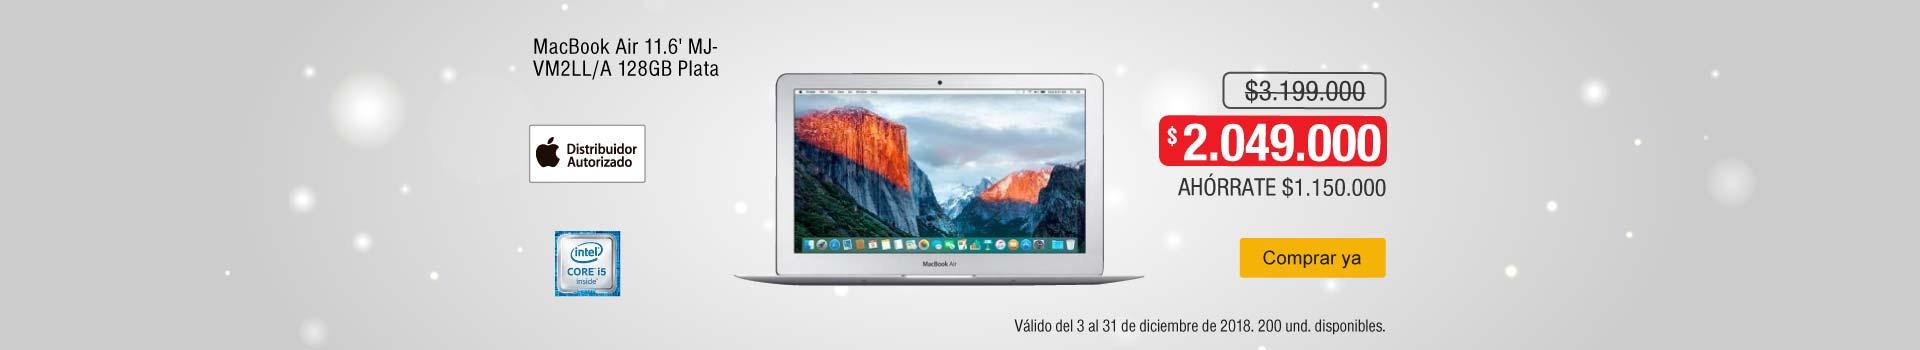 AK-KT-BCAT-1-computadores y tablets-portatiles-PP---Apple-MacBook Air 11.6